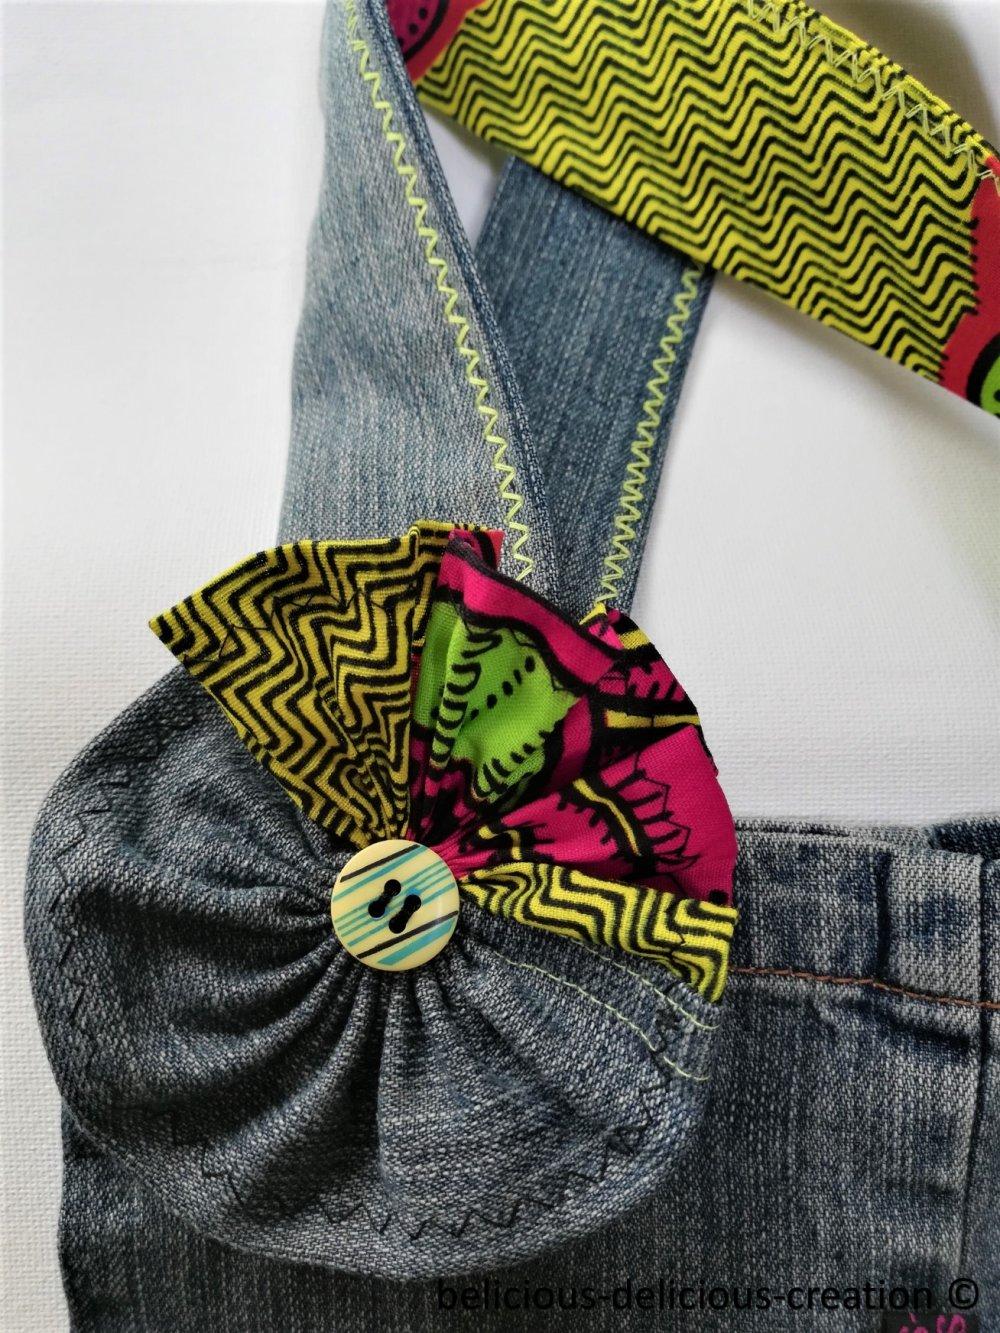 Original Sac a Main '' WAXFLOWER '' en coton Jean Bleu,With front pockets Sac dimensions :T: 25.5cm x 22.5cm x 9.5cm belicious-delicious